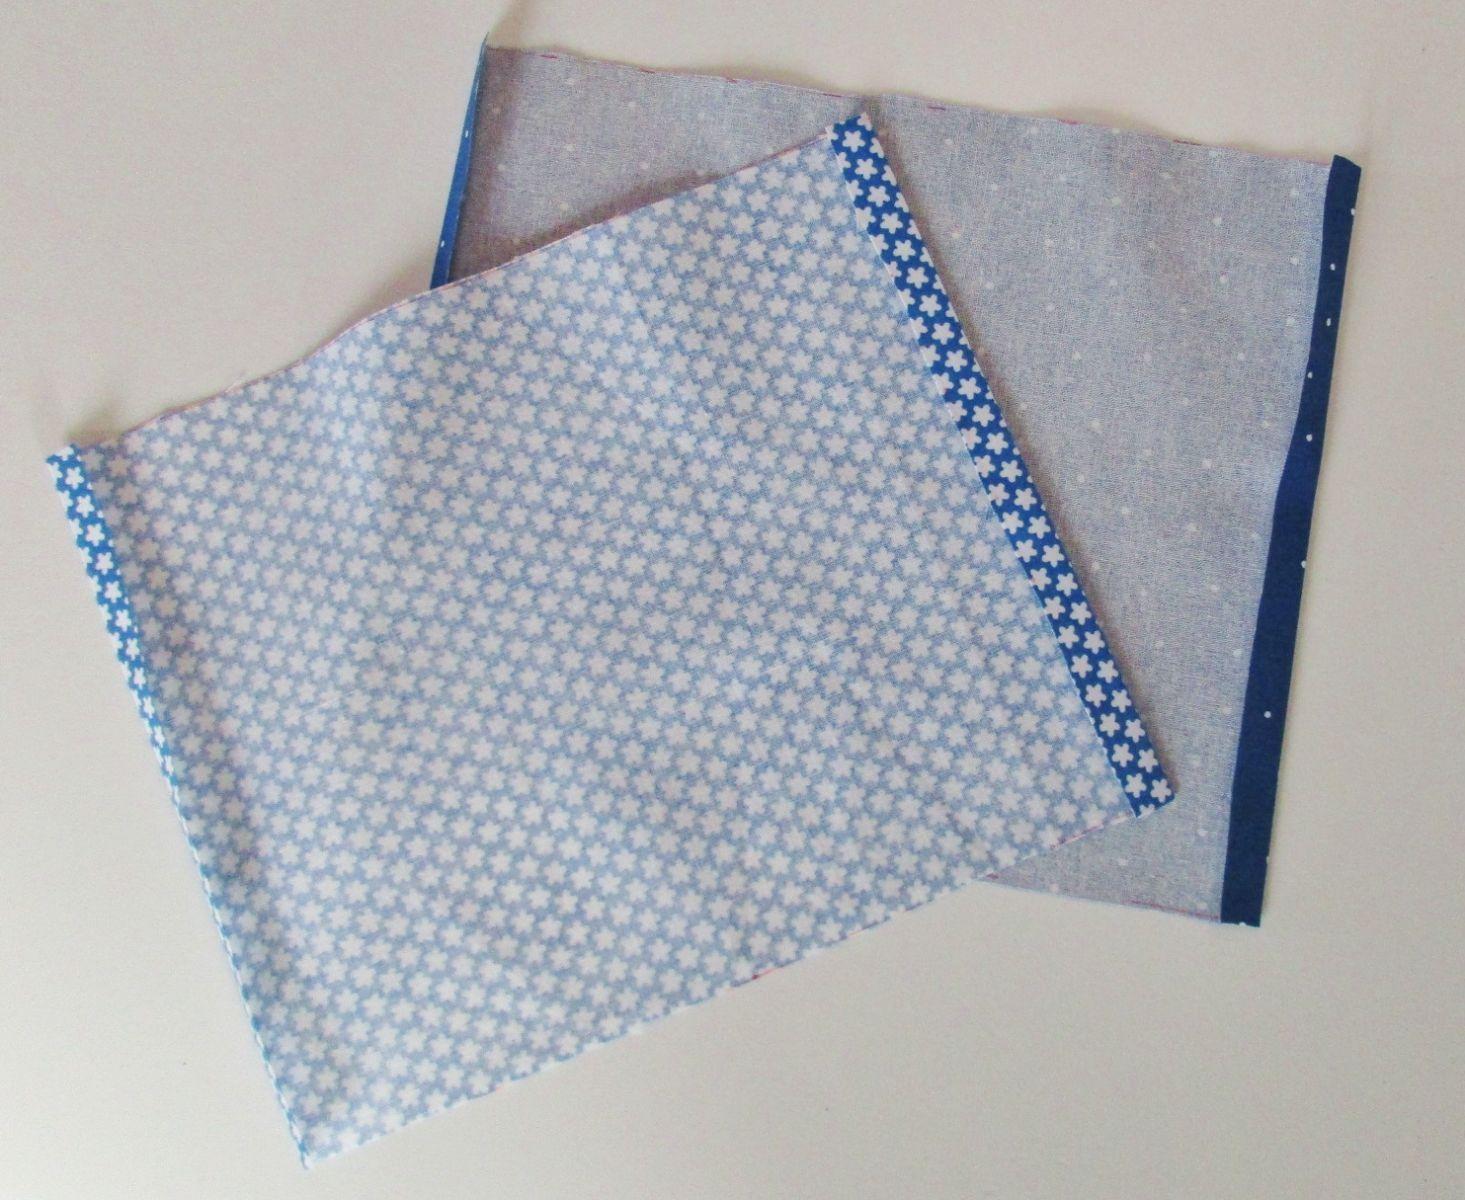 Staub Mundschutz zwei Varianten für einen bunten